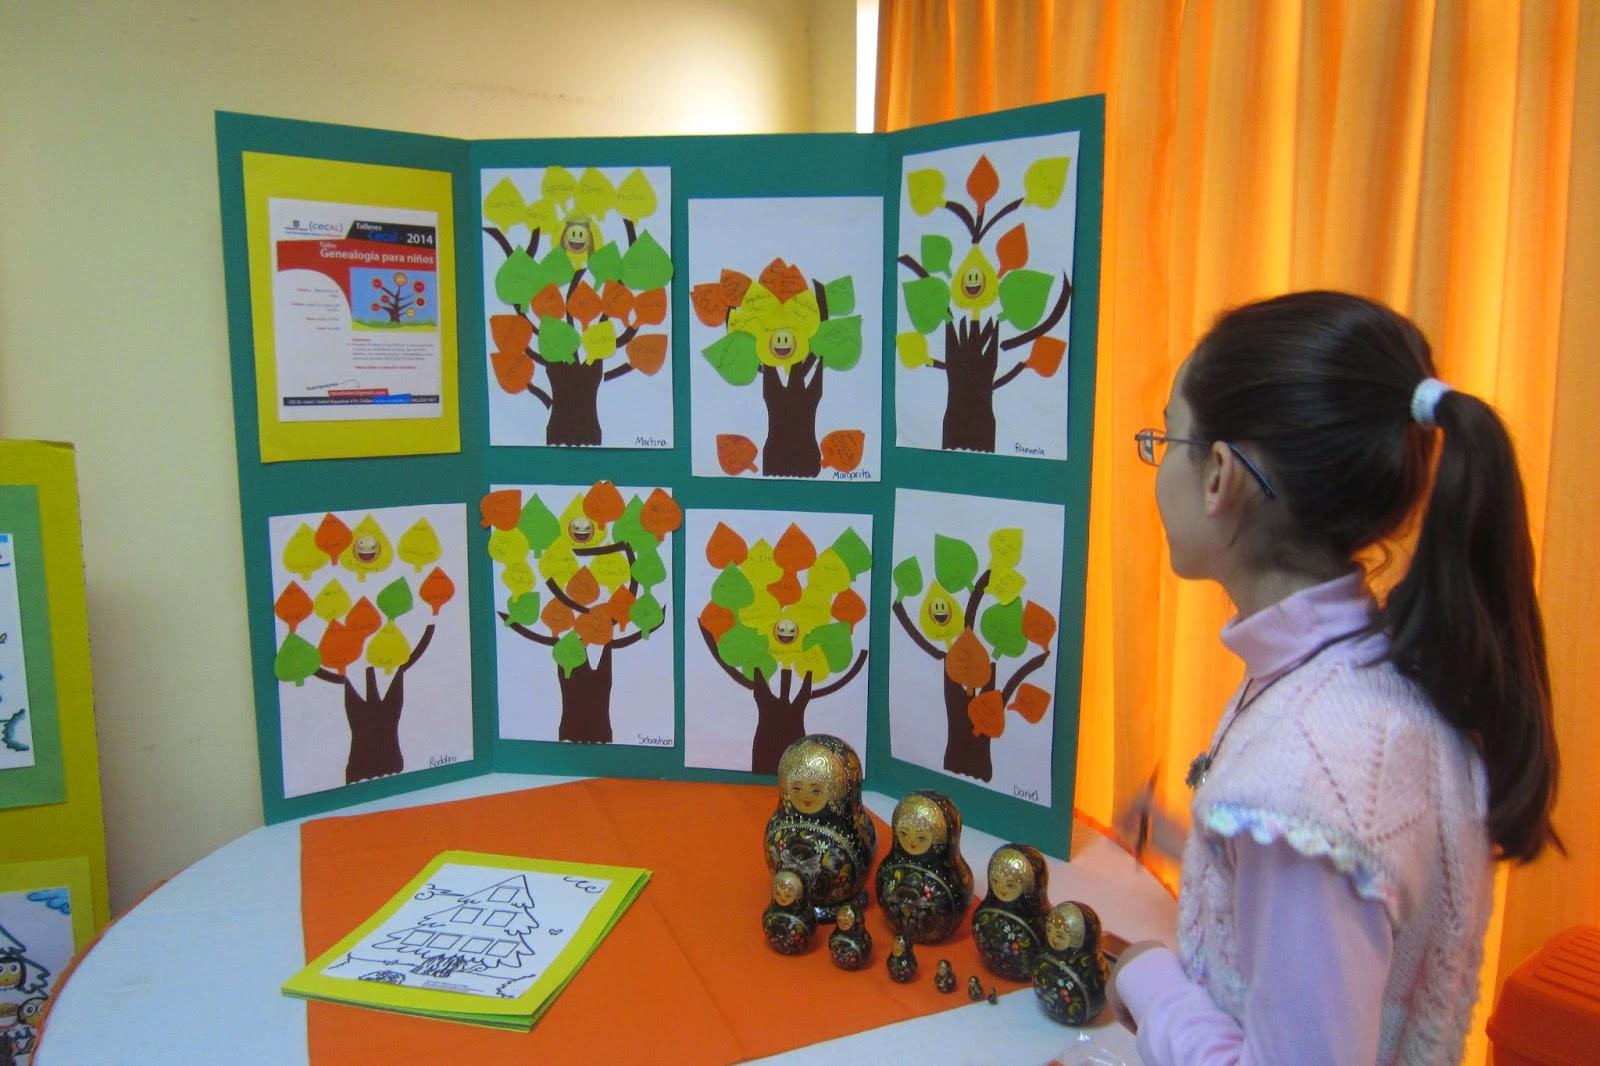 GeneaGeneraciones: Genealogía para niños #2, en talleres de CECAL